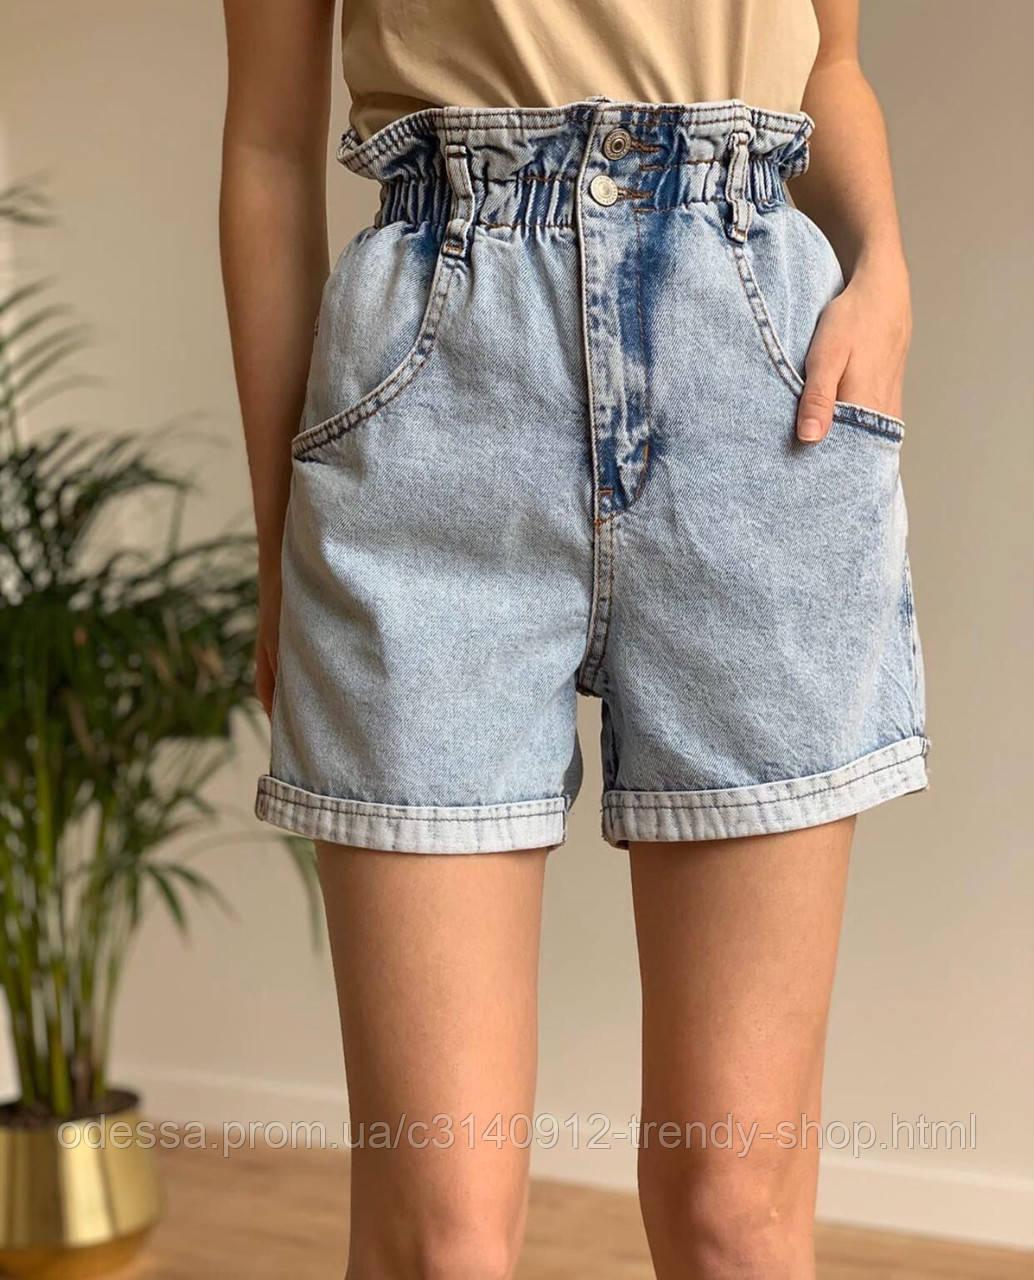 Шорты джинсовые Багги женские на резинке 25, 26, 27, 28, 29, 30